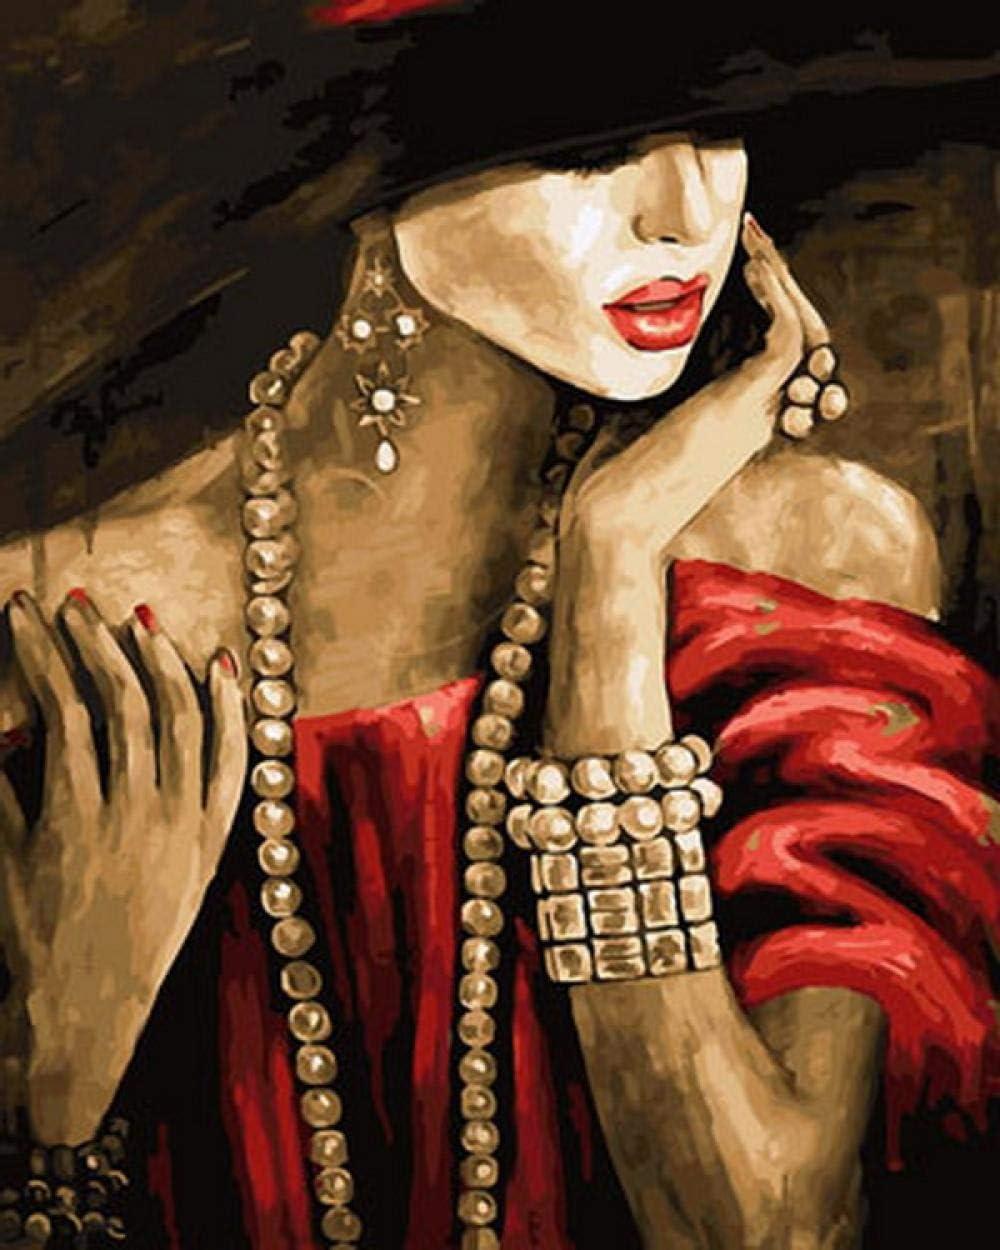 LLXPDZ DIY Arte Pintura al óleo Digital Lienzo acrílico Mural Adultos Principiantes con Pinceles y pigmentos acrílicos Decoración Regalos collar de perlas Sin marco 40X50cm